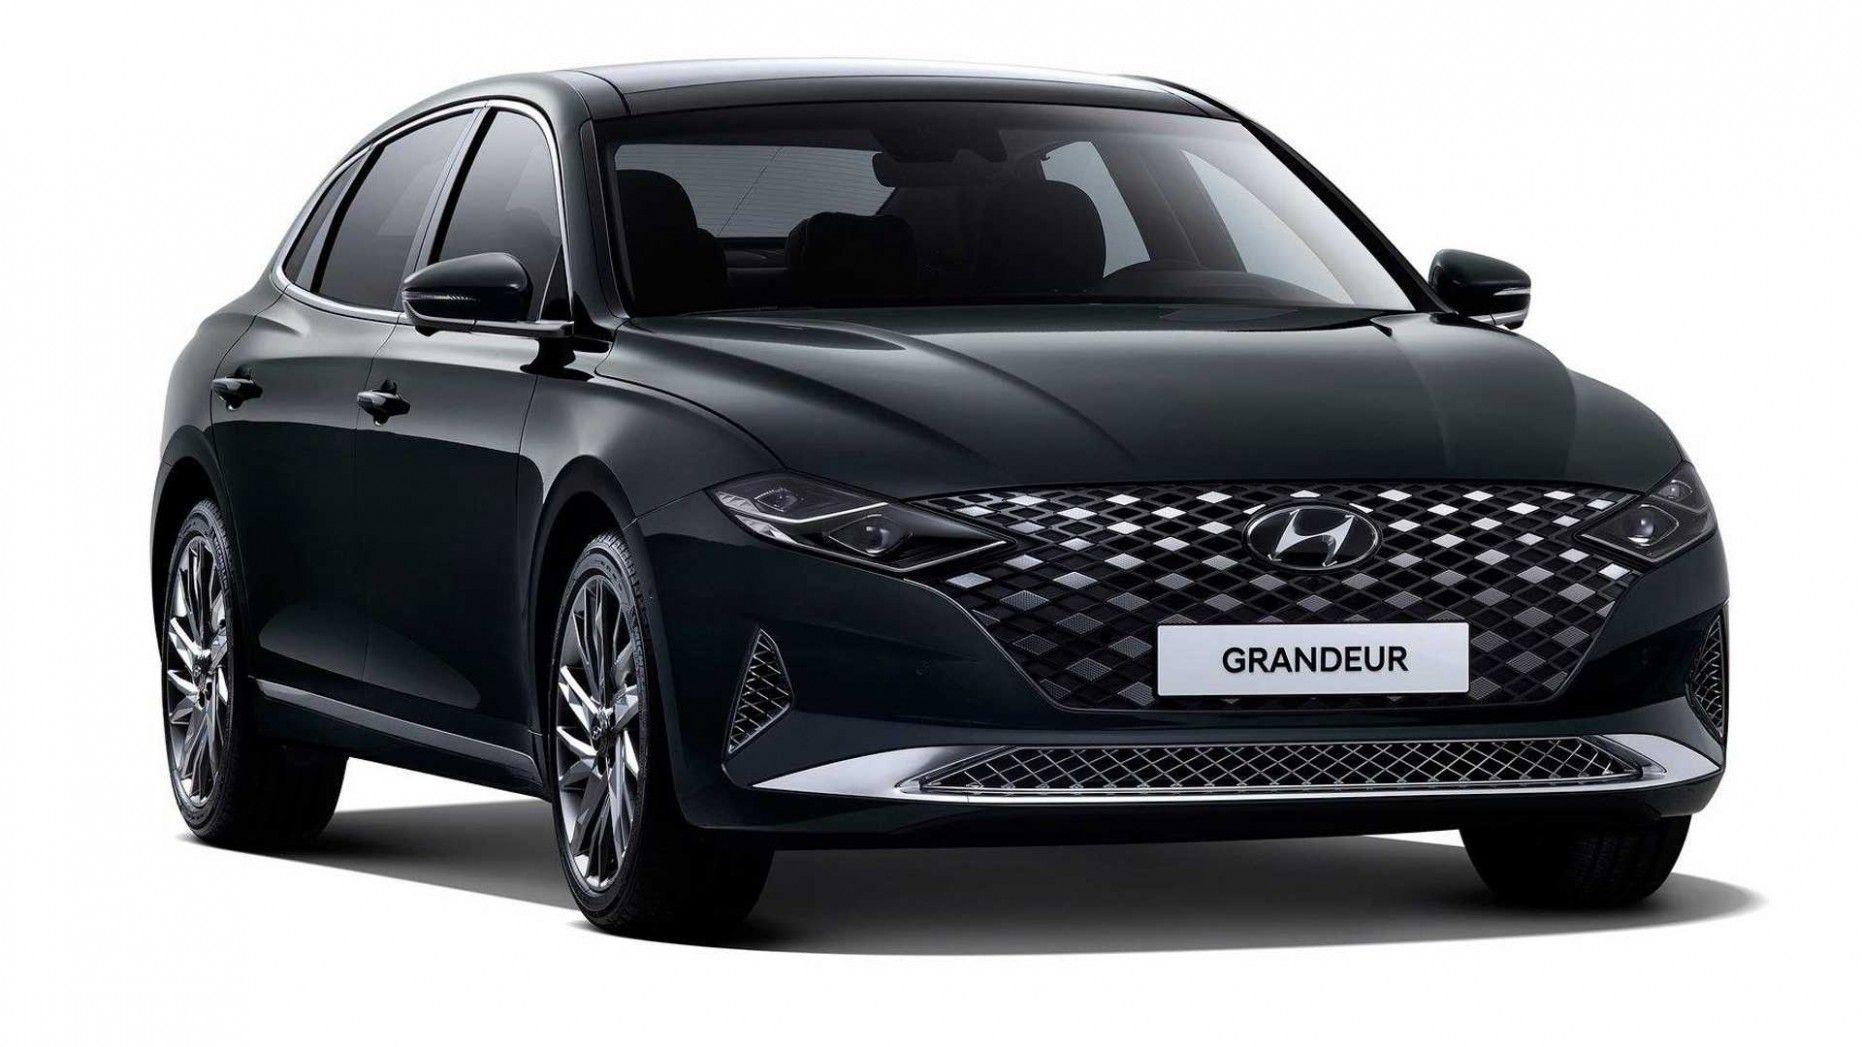 2021 Hyundai Azera Price and Review